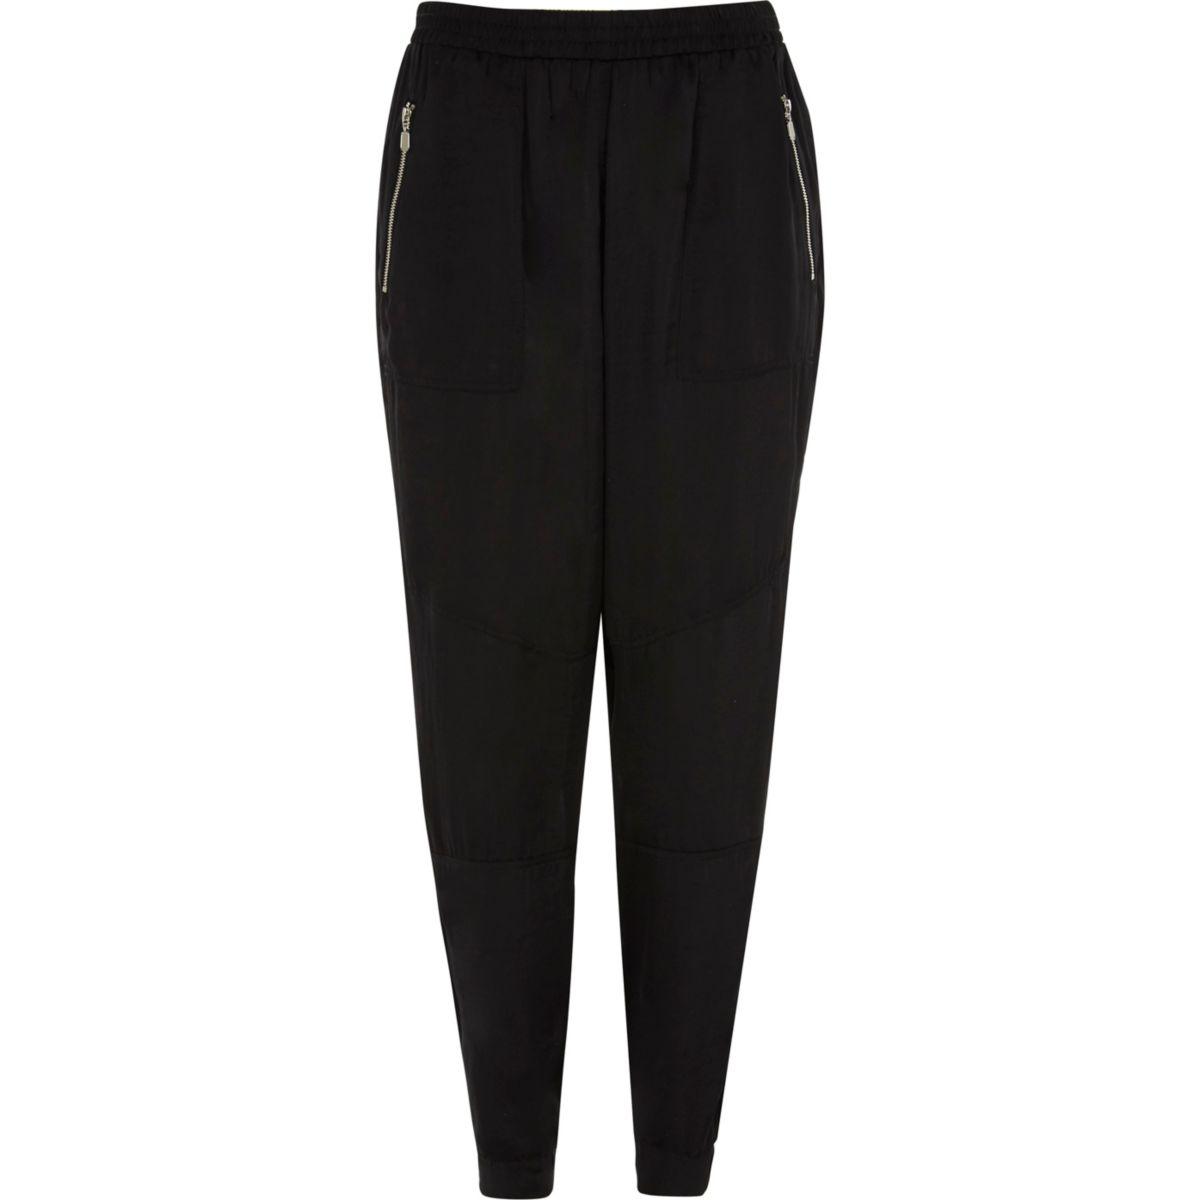 Pantalon de jogging fuselé en satin noir